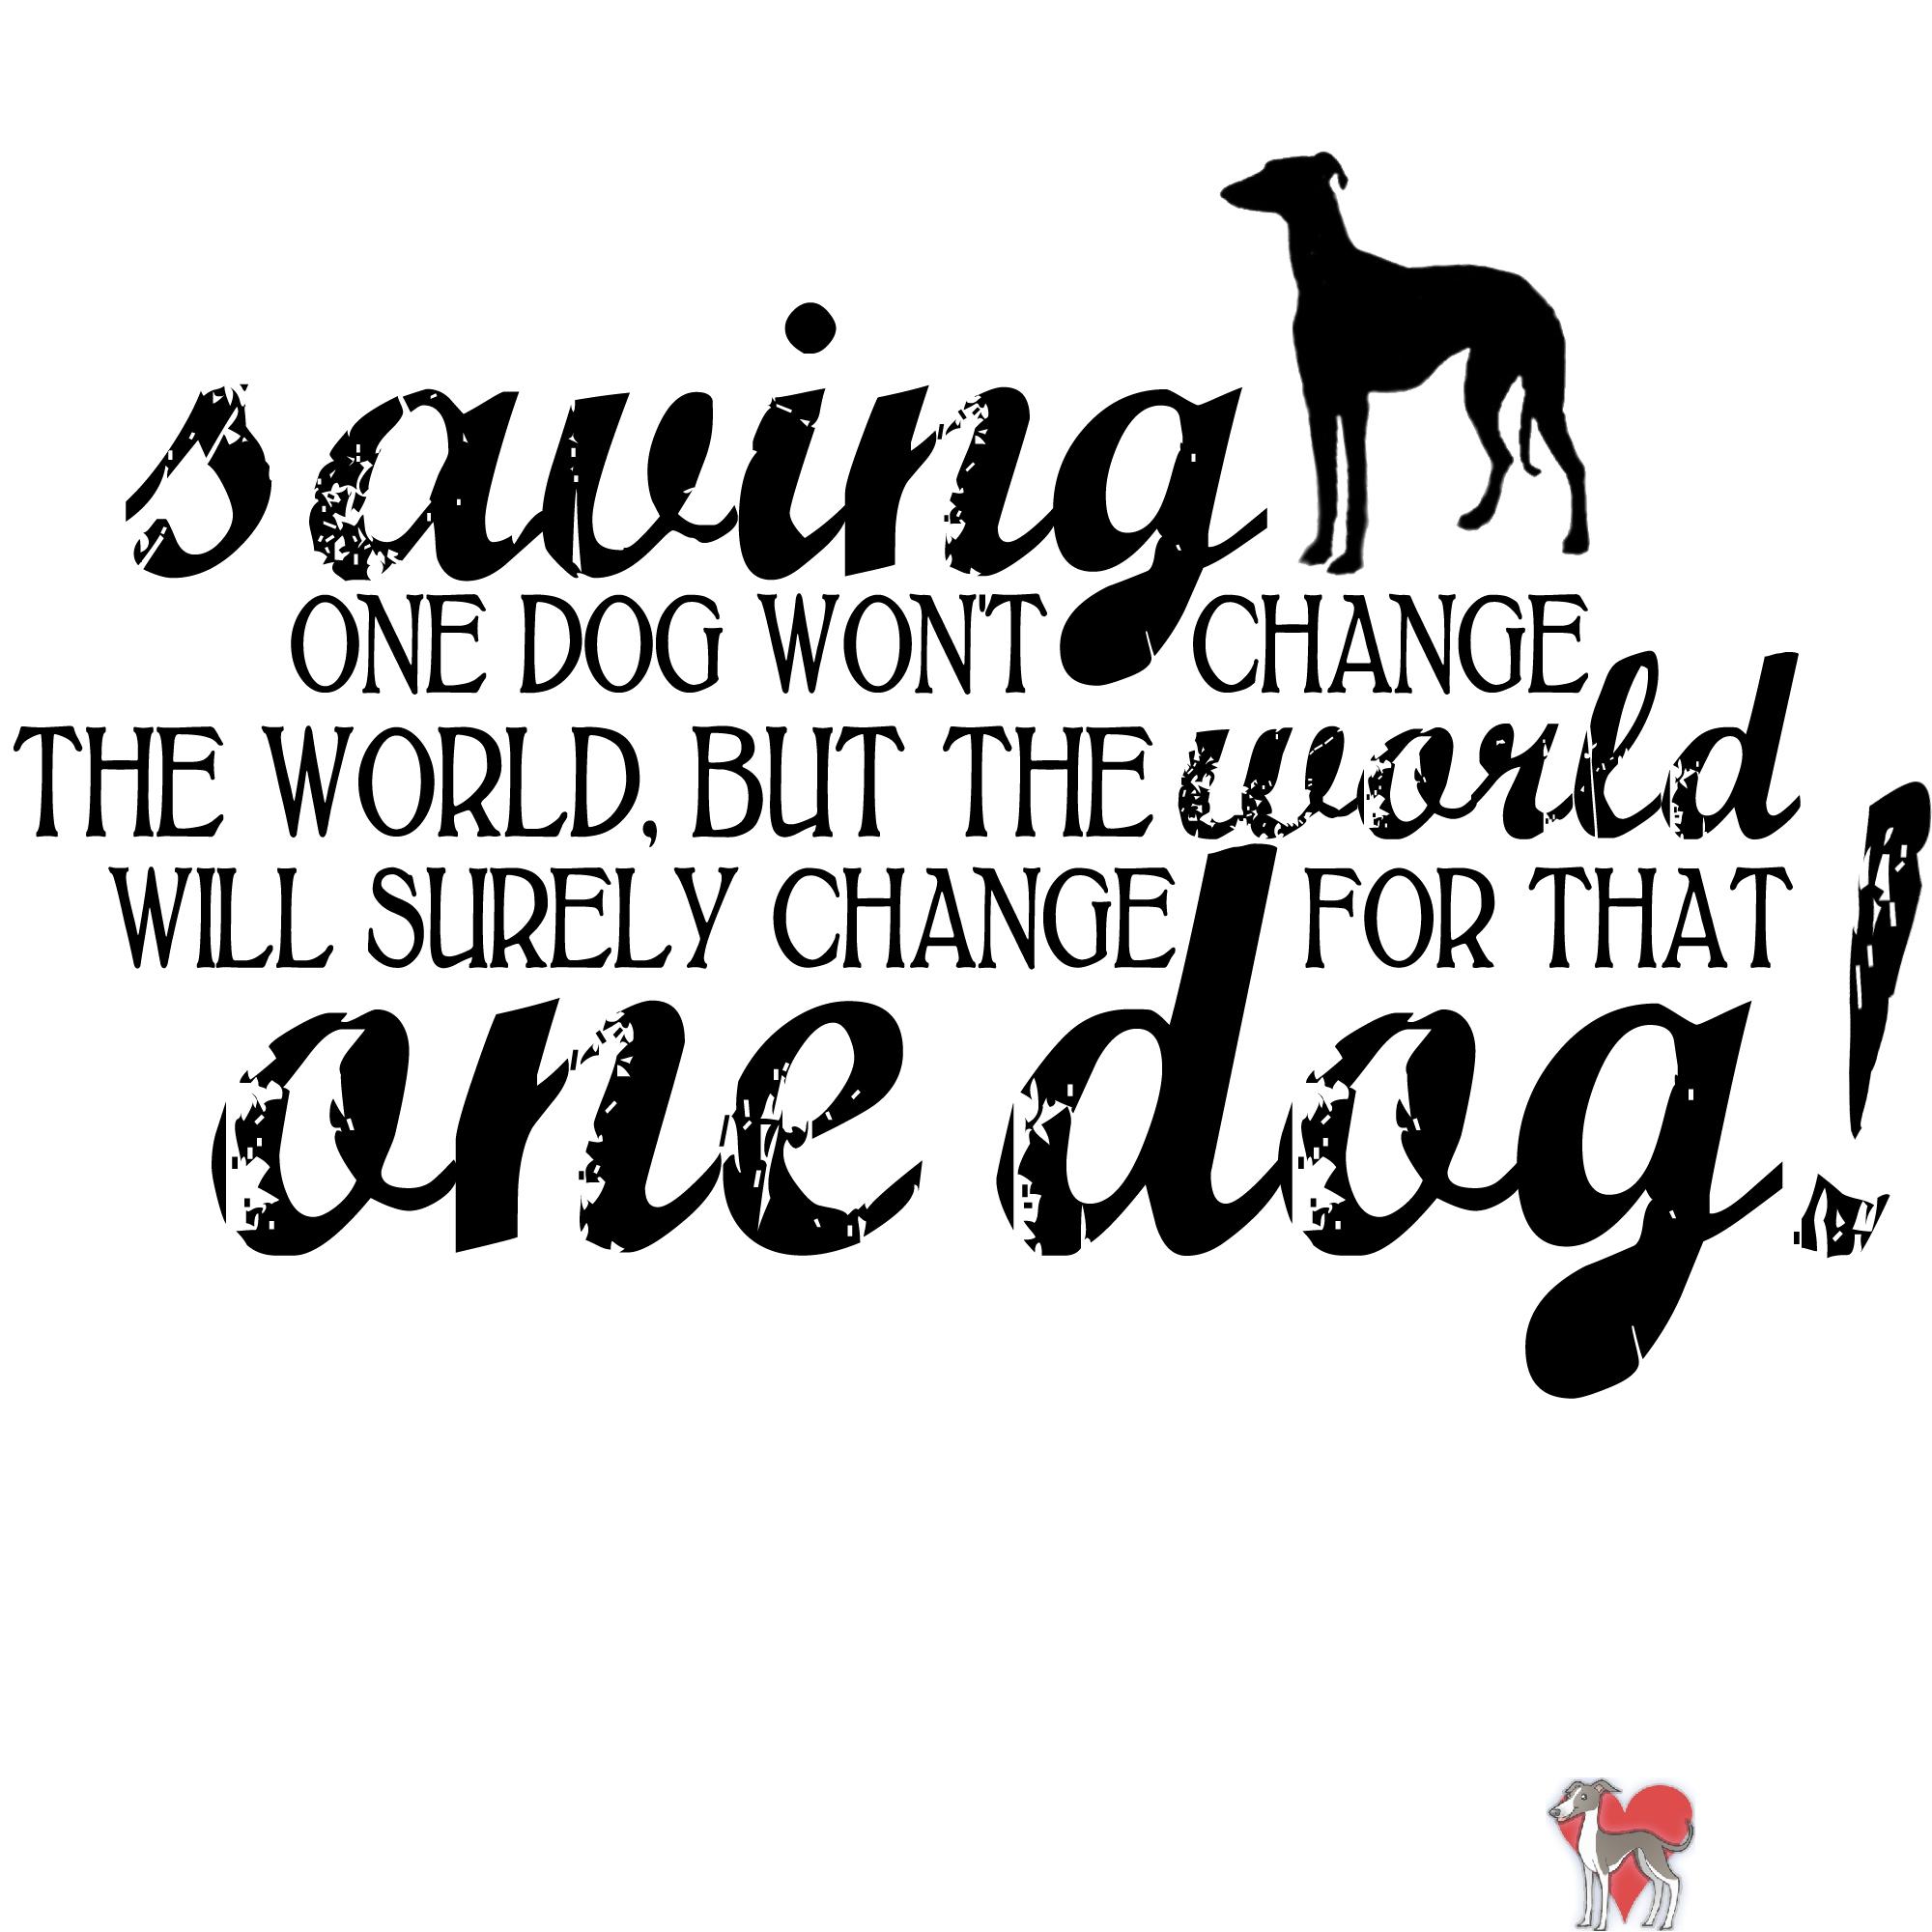 Save a dog shirt